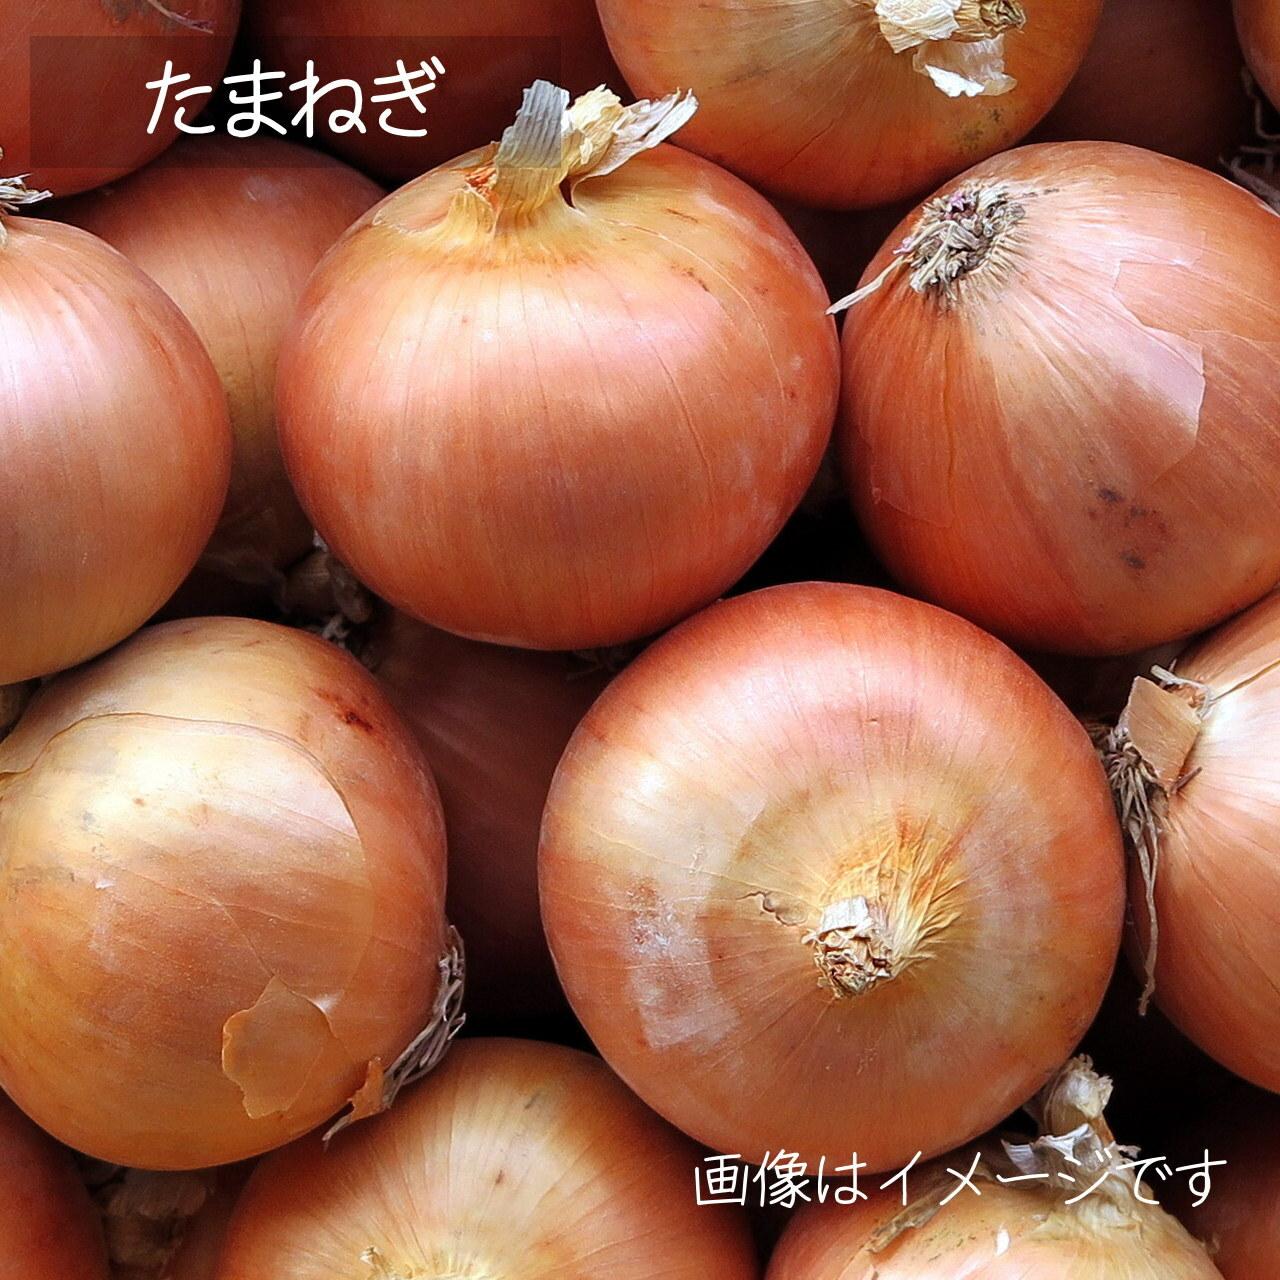 たまねぎ 3~4個 : 6月の朝採り直売野菜 6月15日発送予定